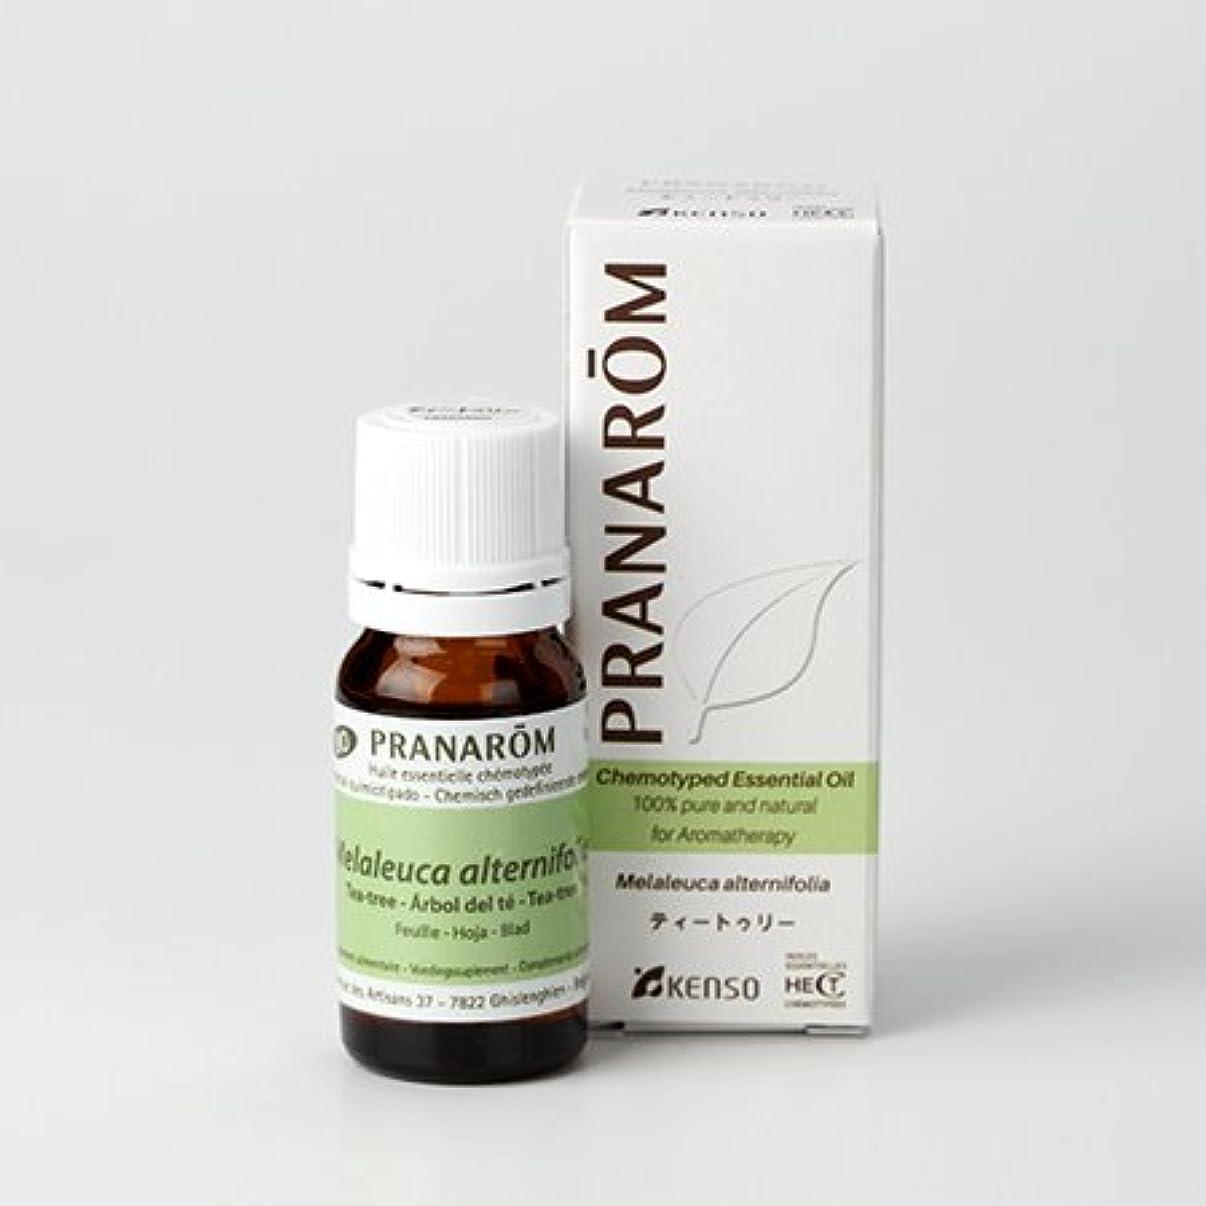 契約する冷淡な起きるプラナロム精油(P-109 ティートゥリー?10ml)